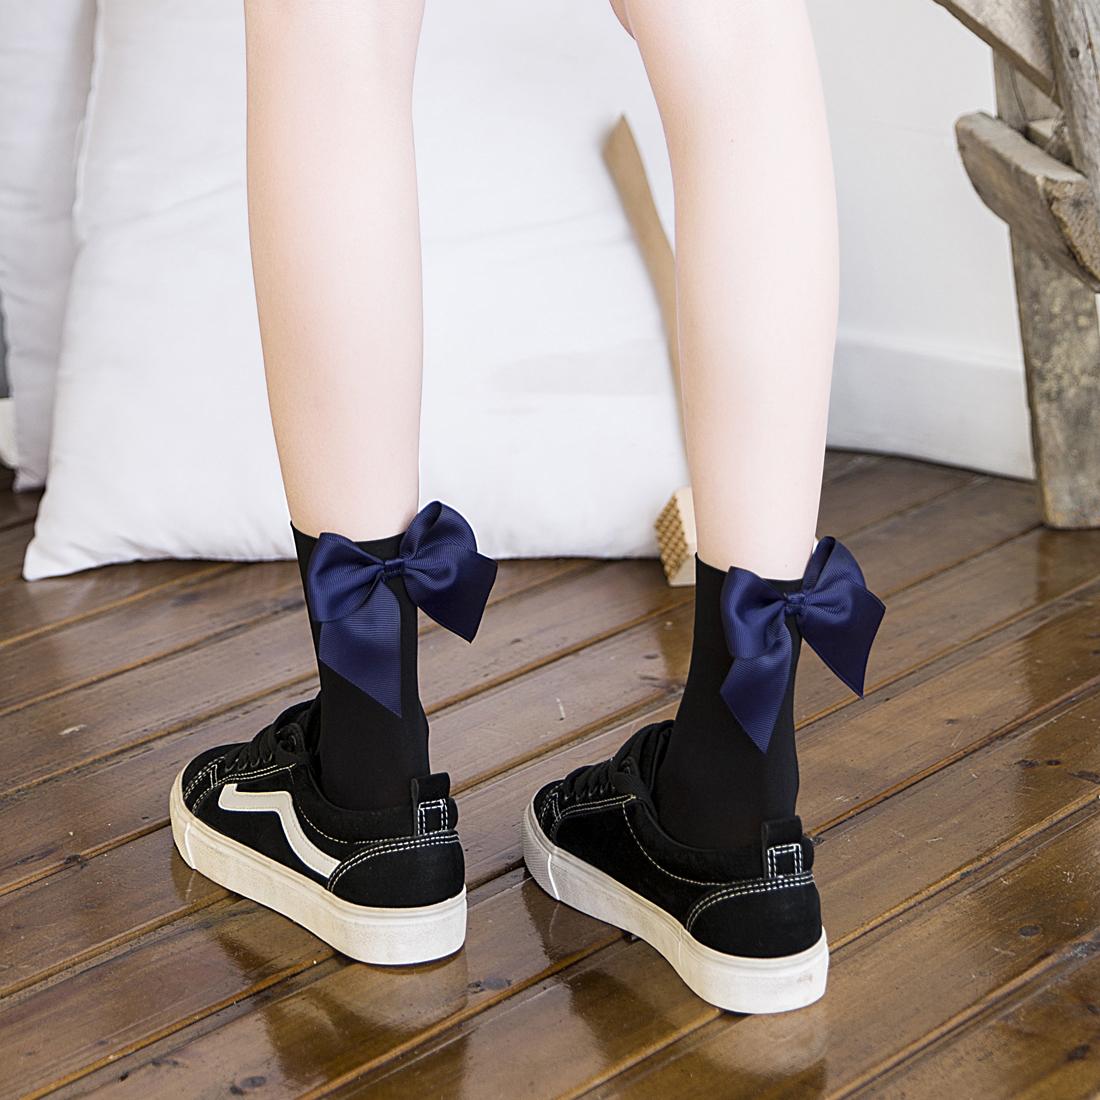 Vớ nữ ren trong vớ ống mùa hè nhung phong cách đại học Hàn Quốc Vớ đẹp chân Nhật Bản thắt nơ nữ - Vớ sợi tre